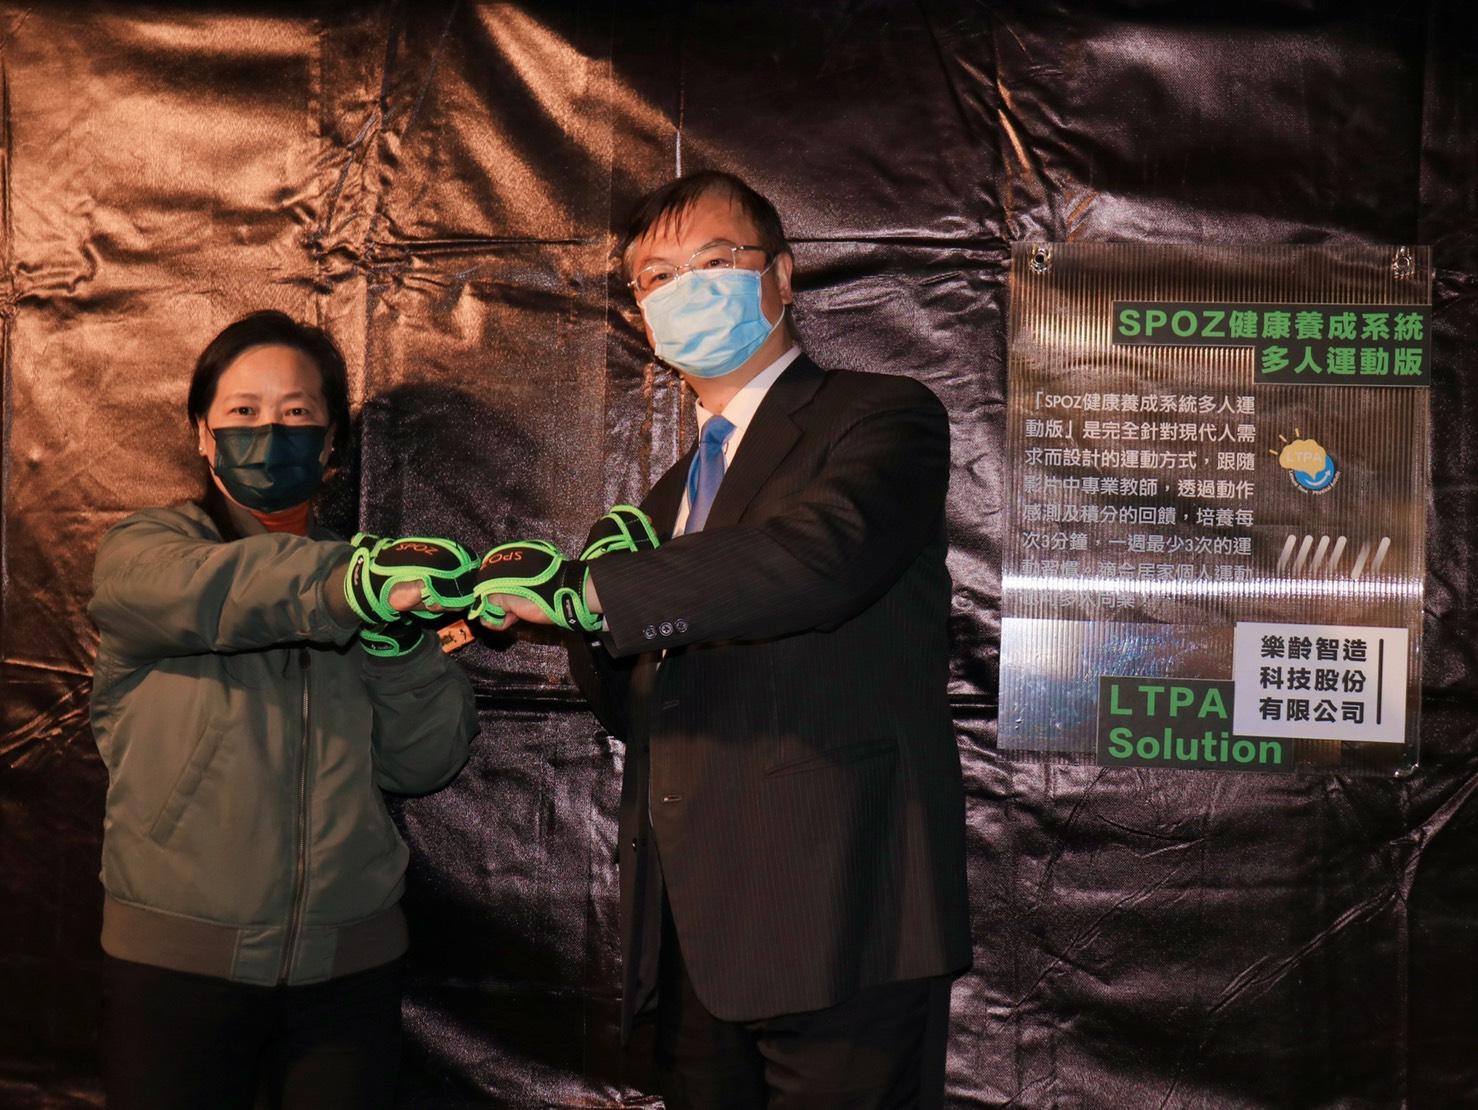 高雄體感重裝部隊抵新竹 激盪喚醒科技城市DNA